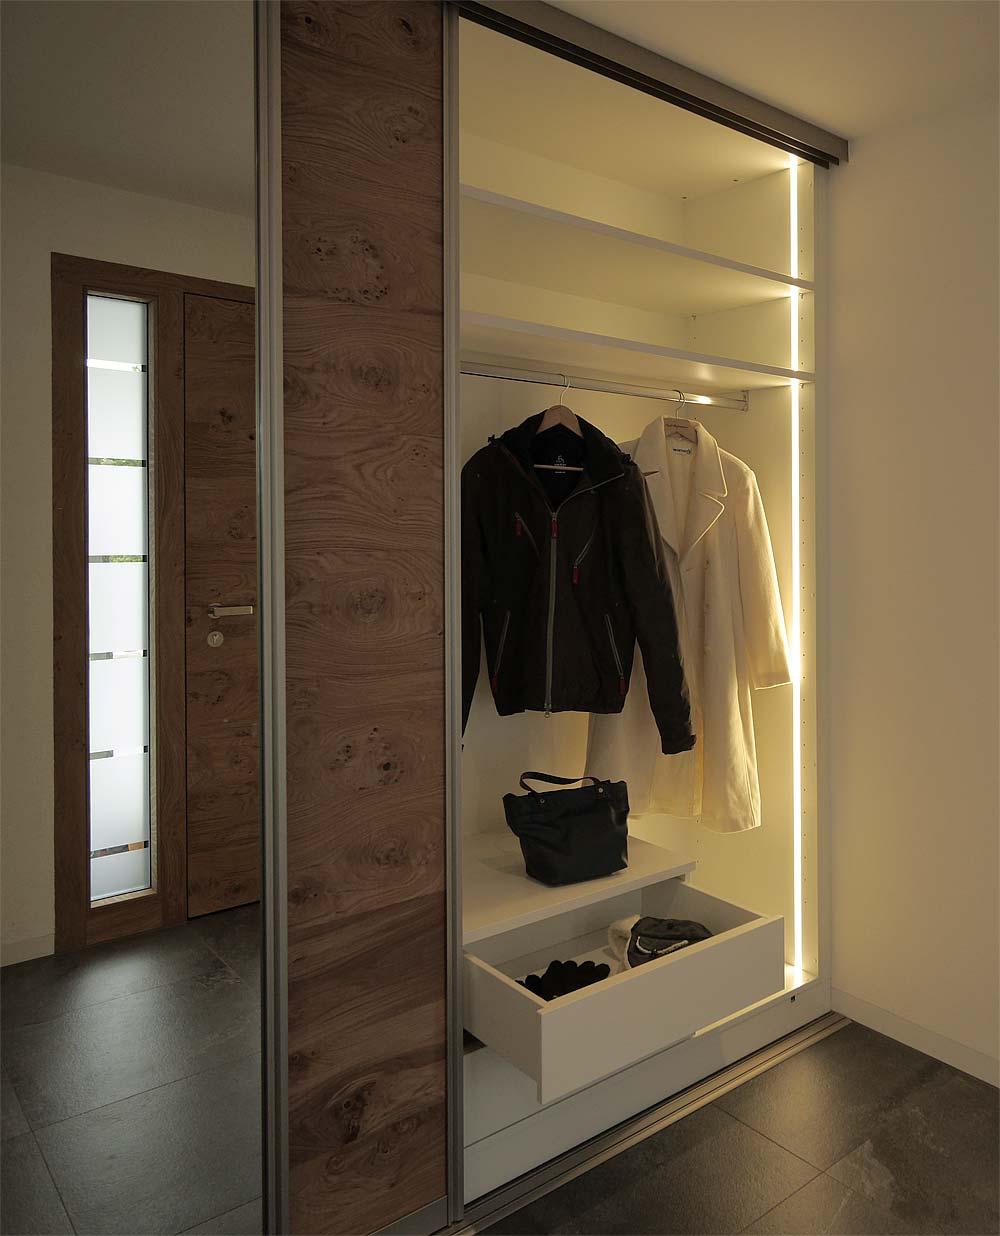 Schiebetürenschrank / Garderobe